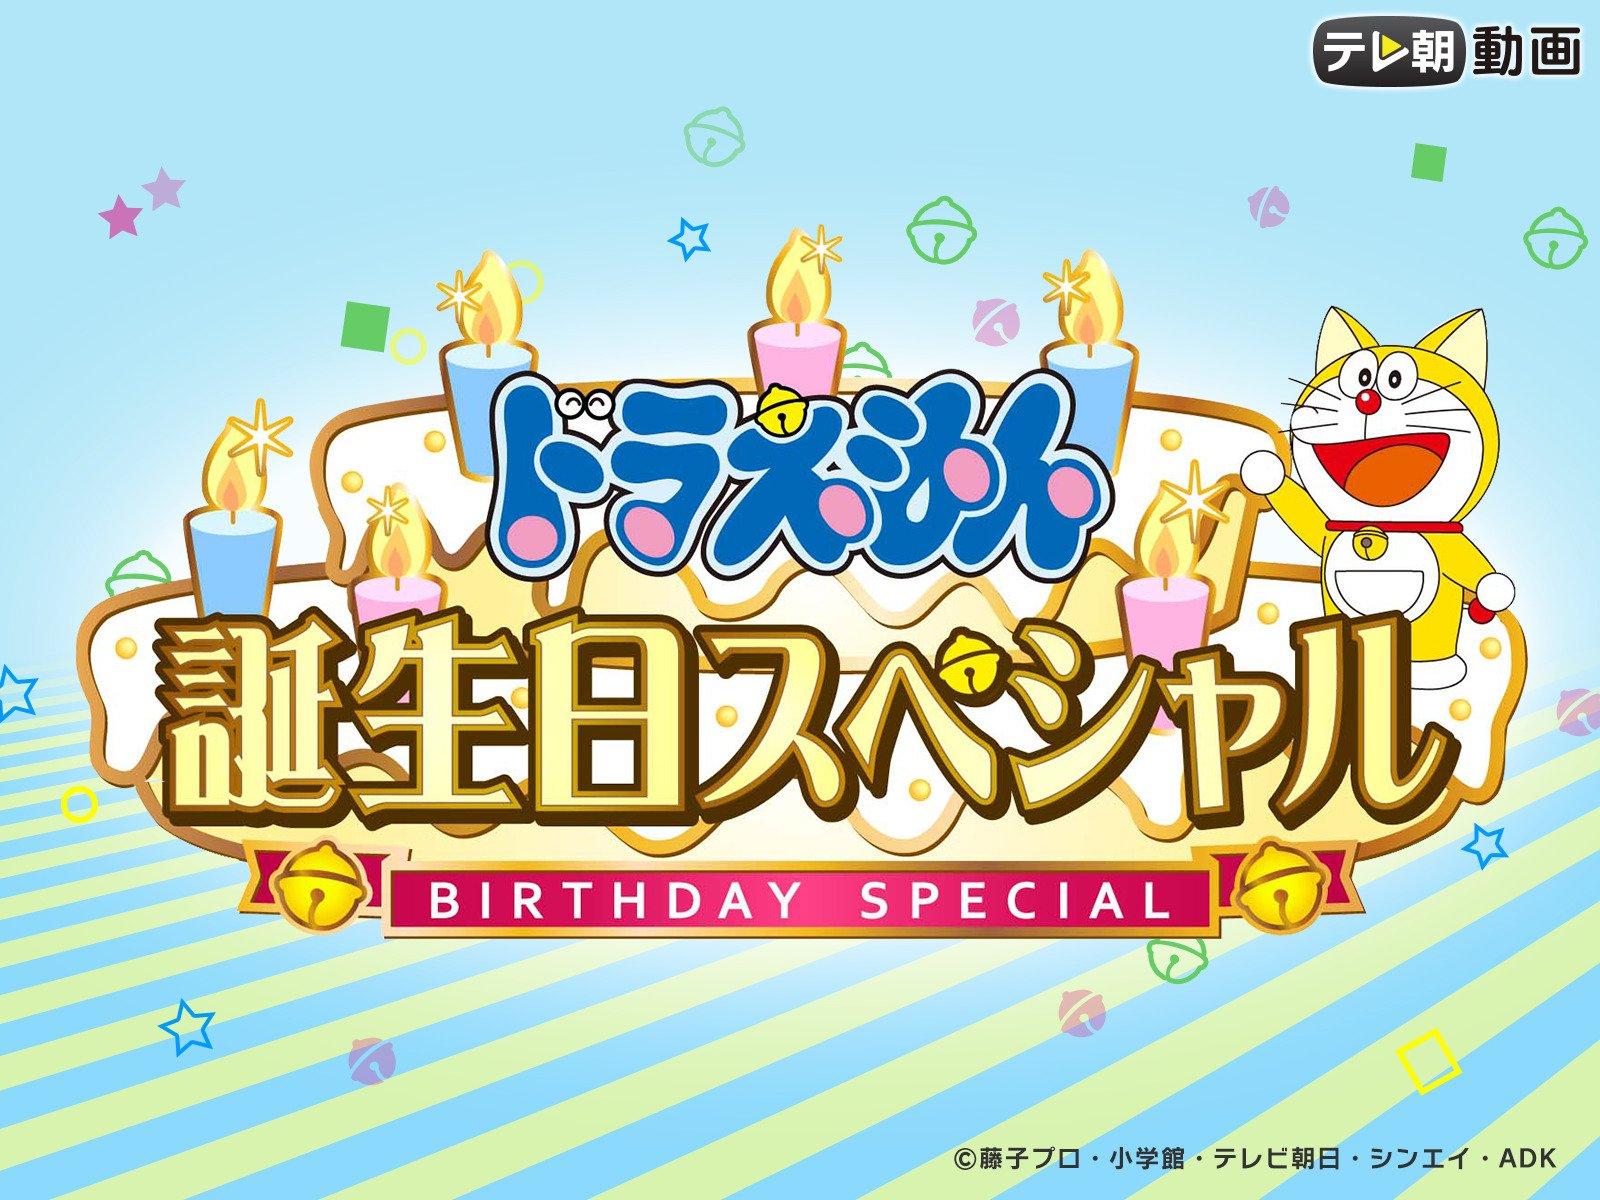 Amazoncojp ドラえもん誕生日スペシャルを観る Prime Video